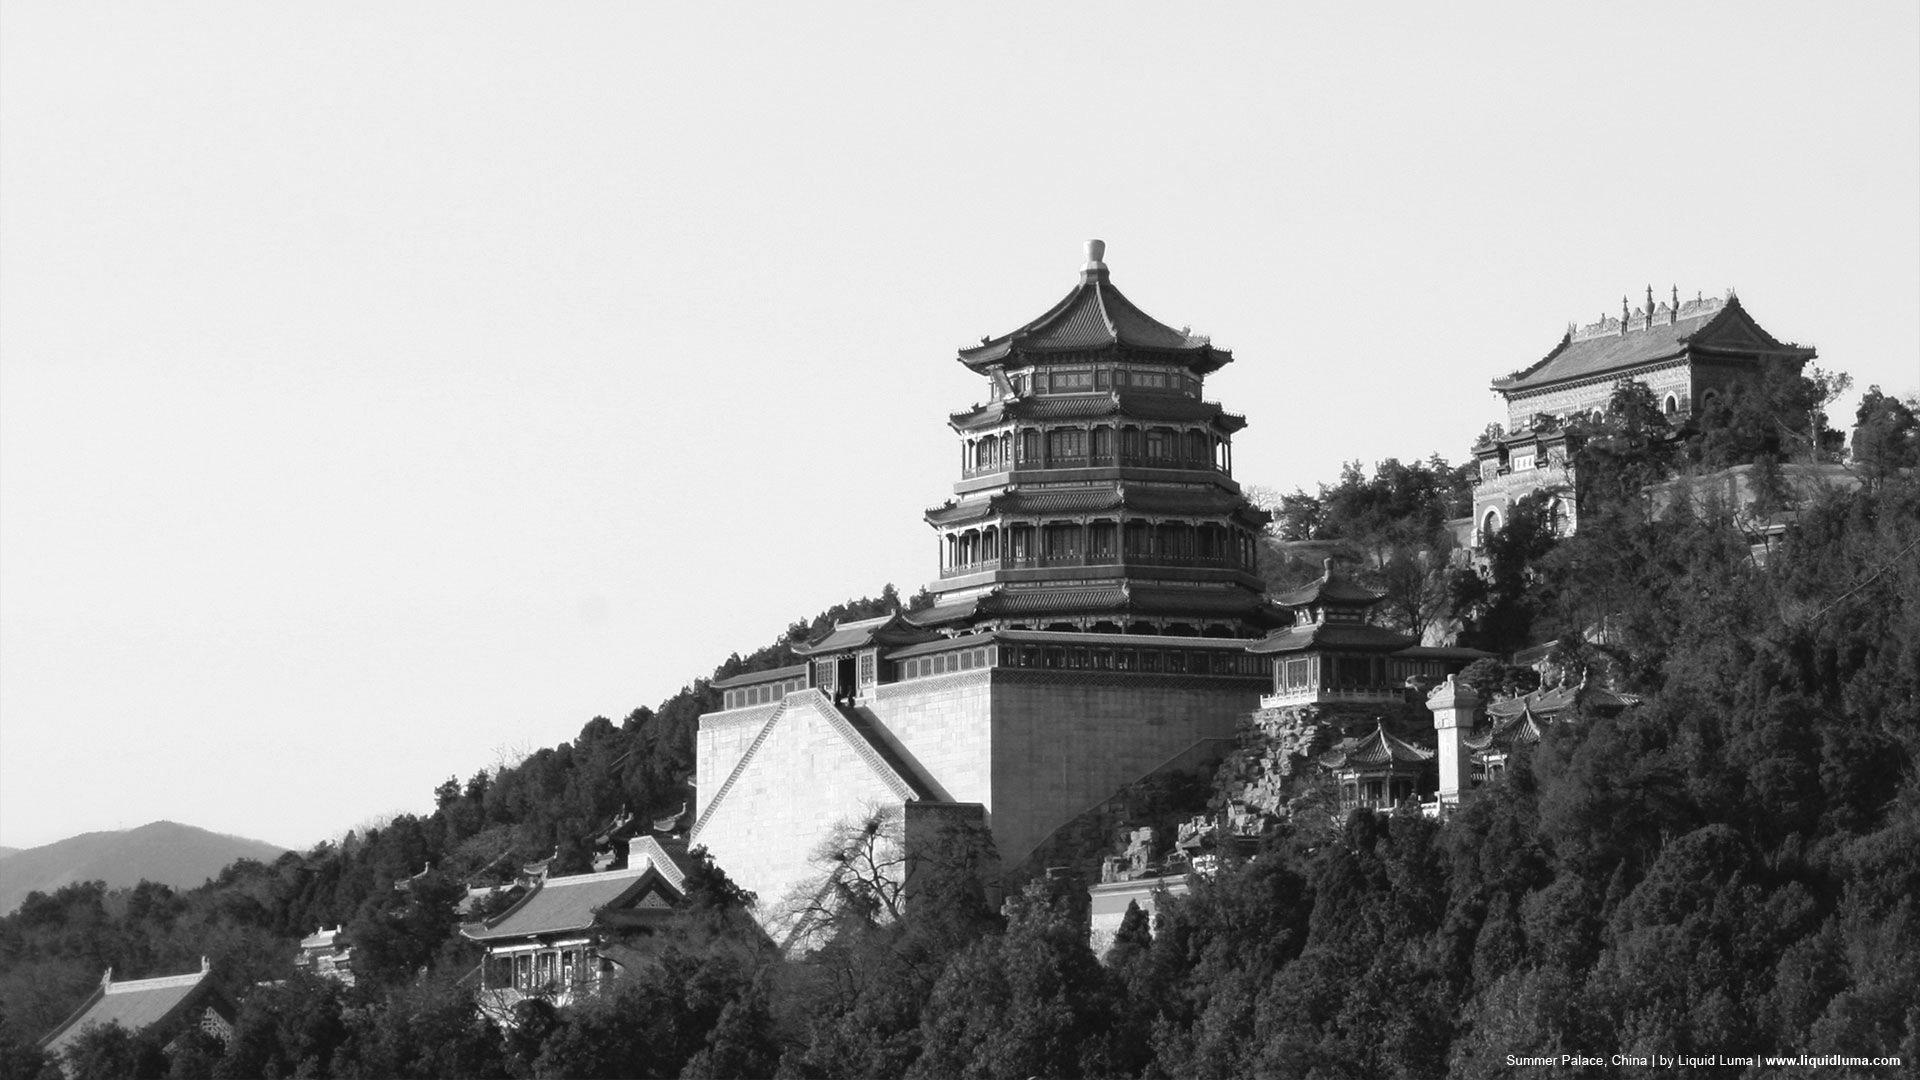 壁纸1920×1080纯粹的光影美学 人文建筑黑白摄影壁纸 Summer Palace China 北京颐和园桌面壁纸壁纸 纯粹的光影美学人文建筑黑白摄影壁纸壁纸图片人文壁纸人文图片素材桌面壁纸